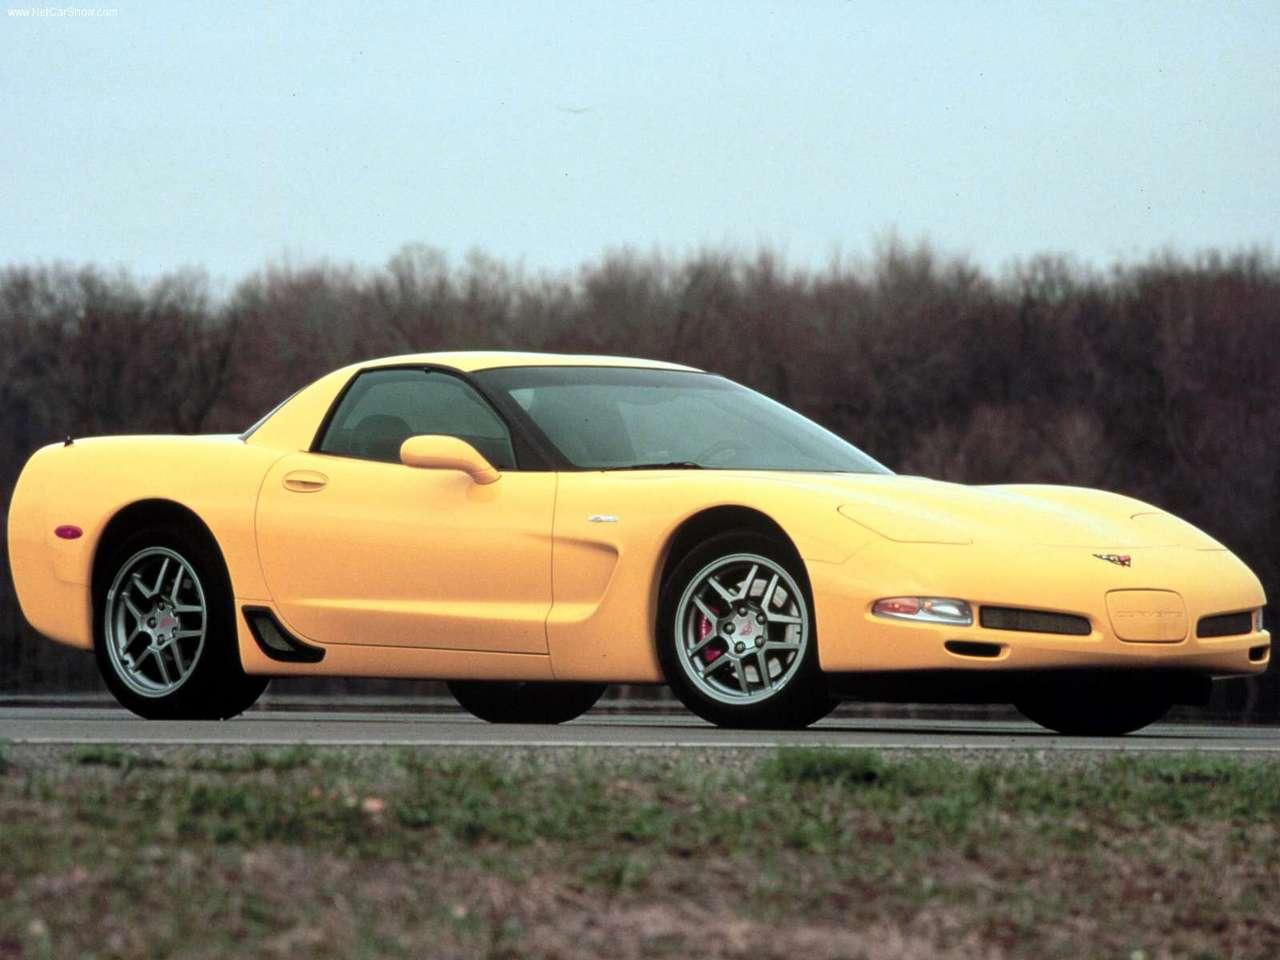 http://4.bp.blogspot.com/-m4h267Qd2bI/TYwwIo9fLEI/AAAAAAAAOGg/JYQy3Ucc19s/s1600/Chevrolet-Corvette_Z06_2001_1280x960_wallpaper_02.jpg